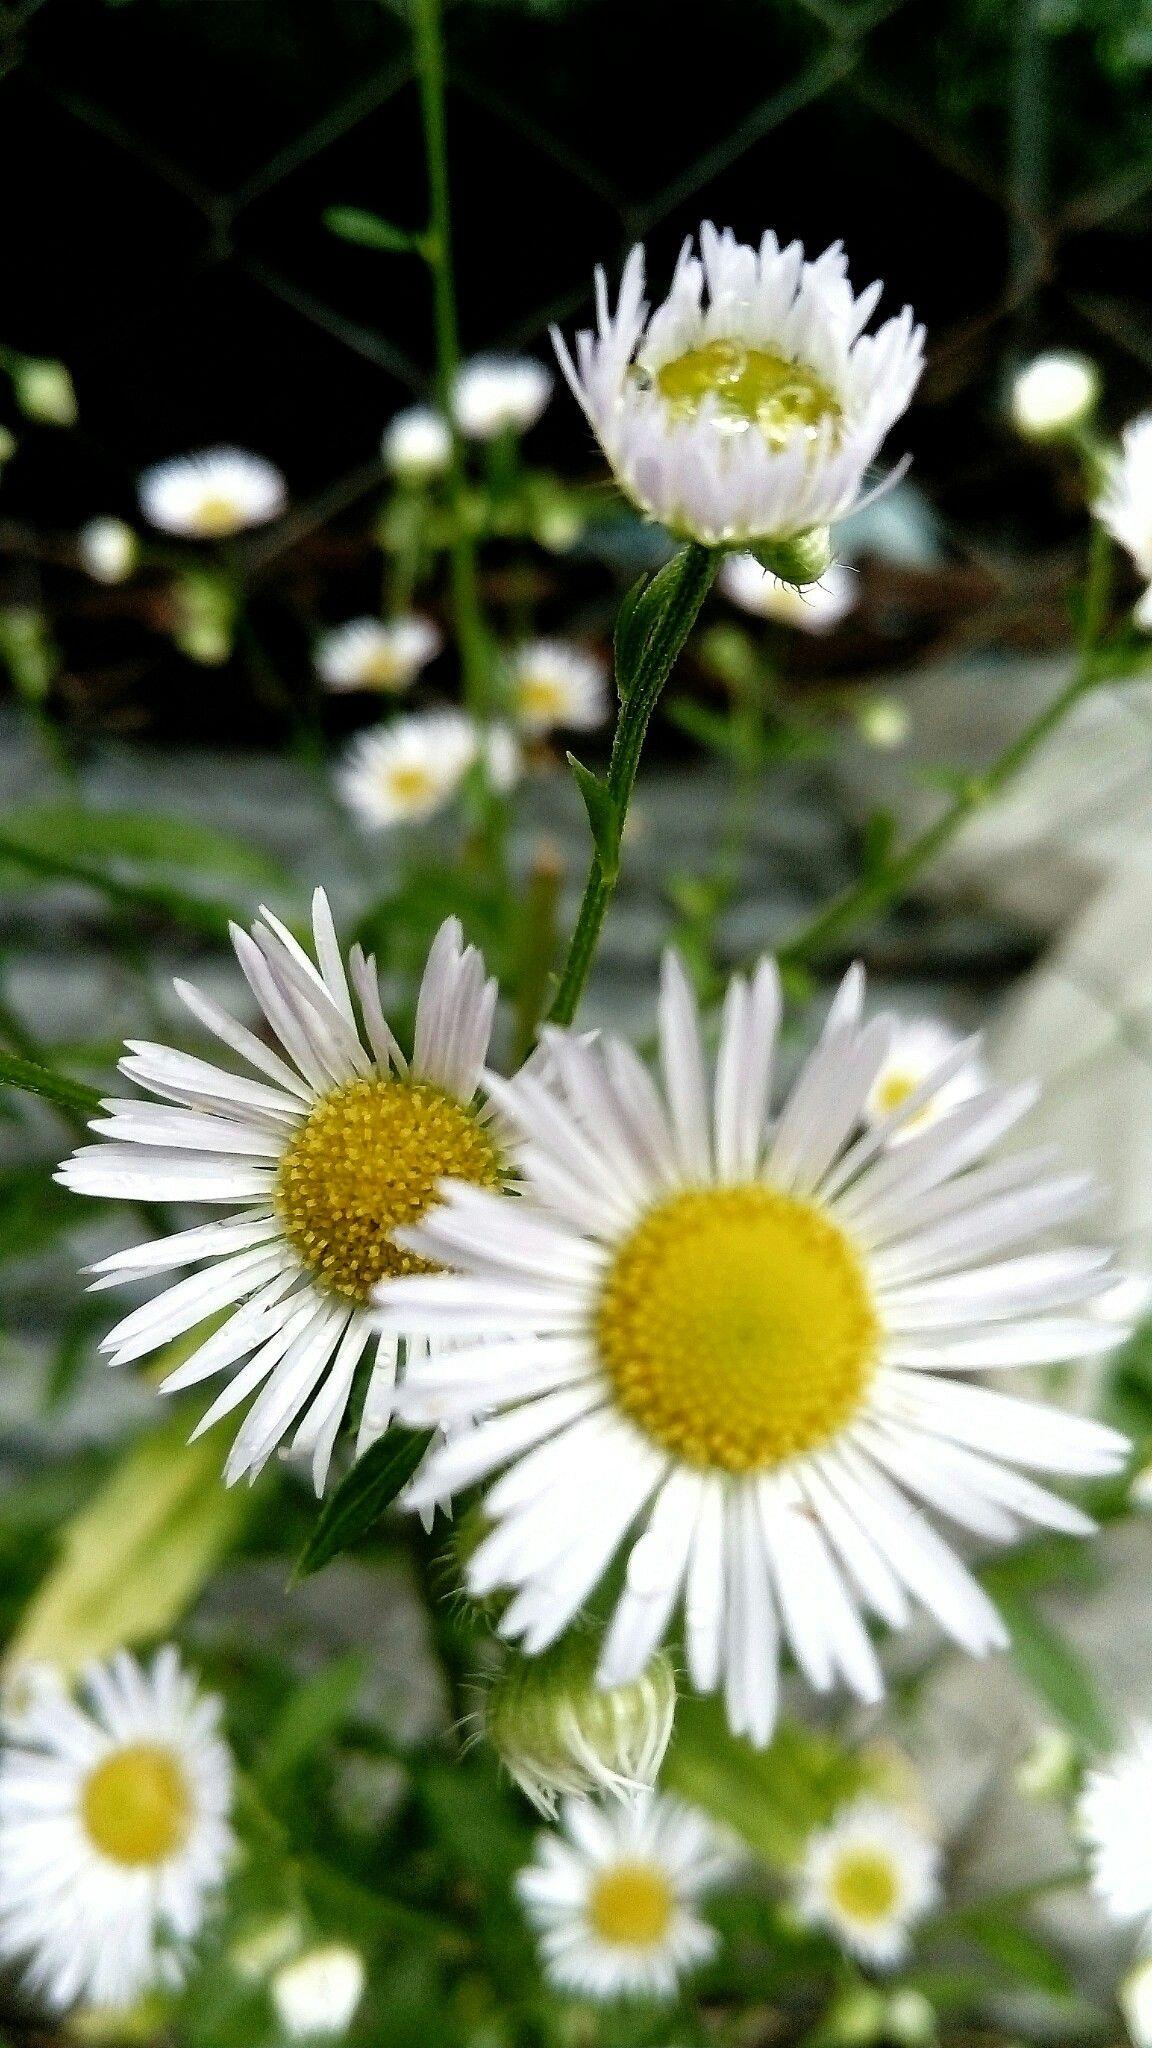 foto Z.Temur.. Papatyalar, Çiçek, Kır çiçekleri